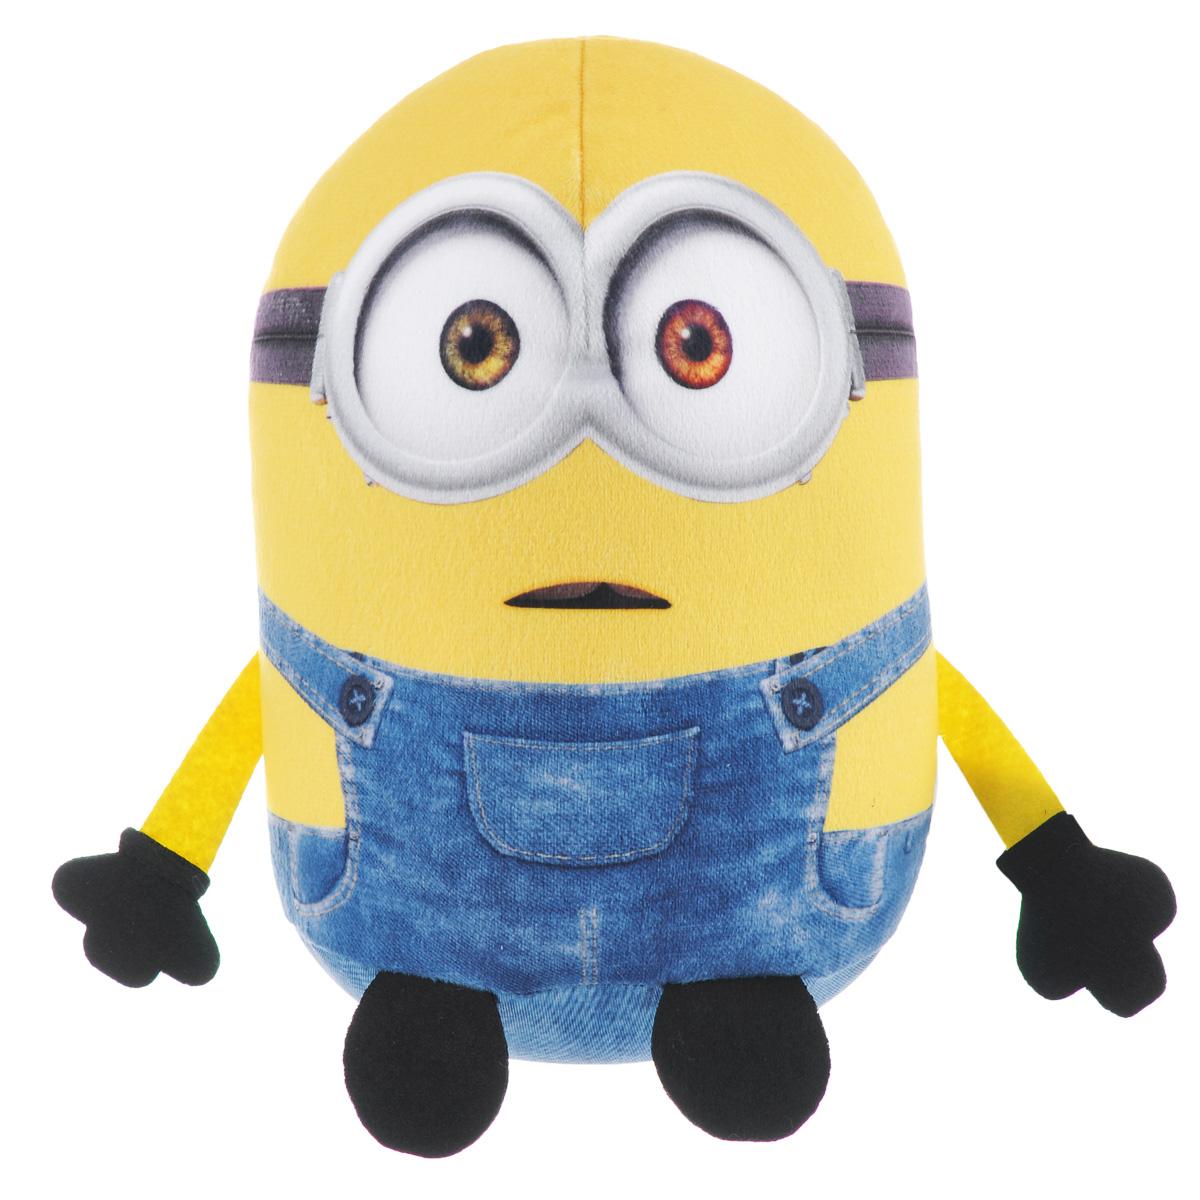 Купить СмолТойс Игрушка-антистресс Миньон Боб 28 см